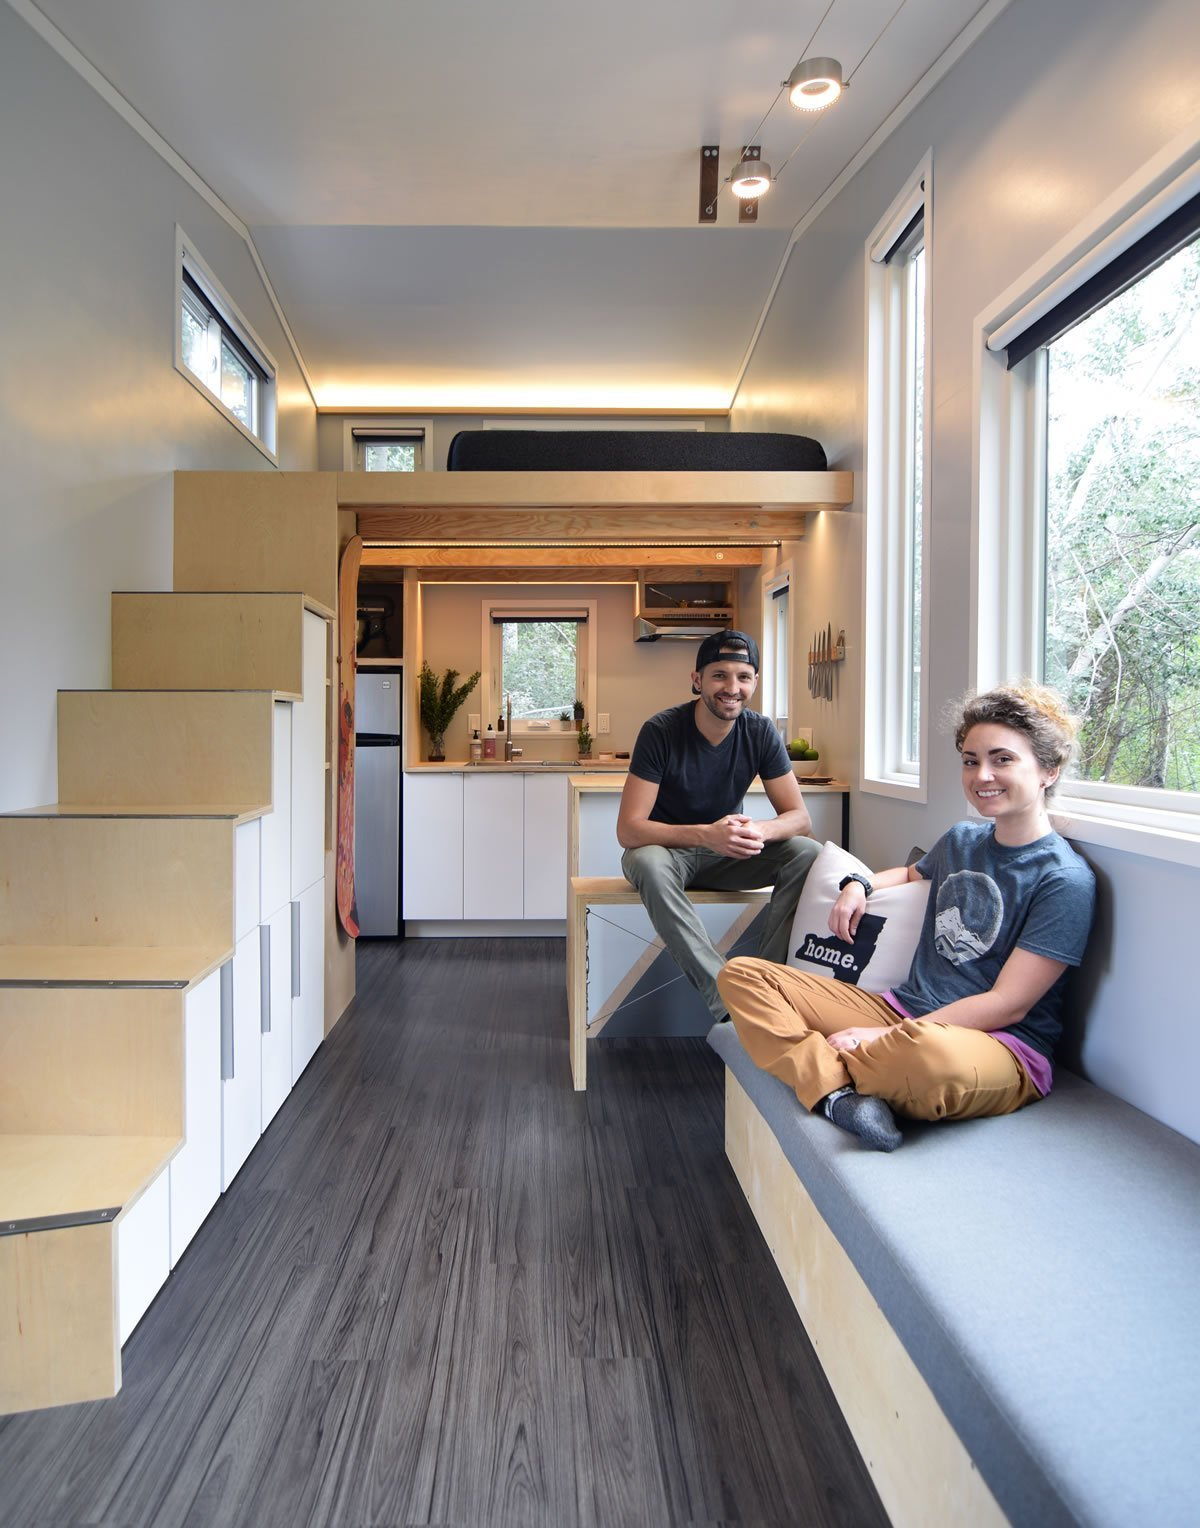 Trend malých dřevěných domků na kolečkách získává po světě stále větší oblibu. Jezdit proto na výlet s karavanem už je v dnešní době pasé. Nejen že je dřevěný domek mnohem šetrnější k přírodě, ale můžete si jej vyrobit přesně tak, jak si představujete.